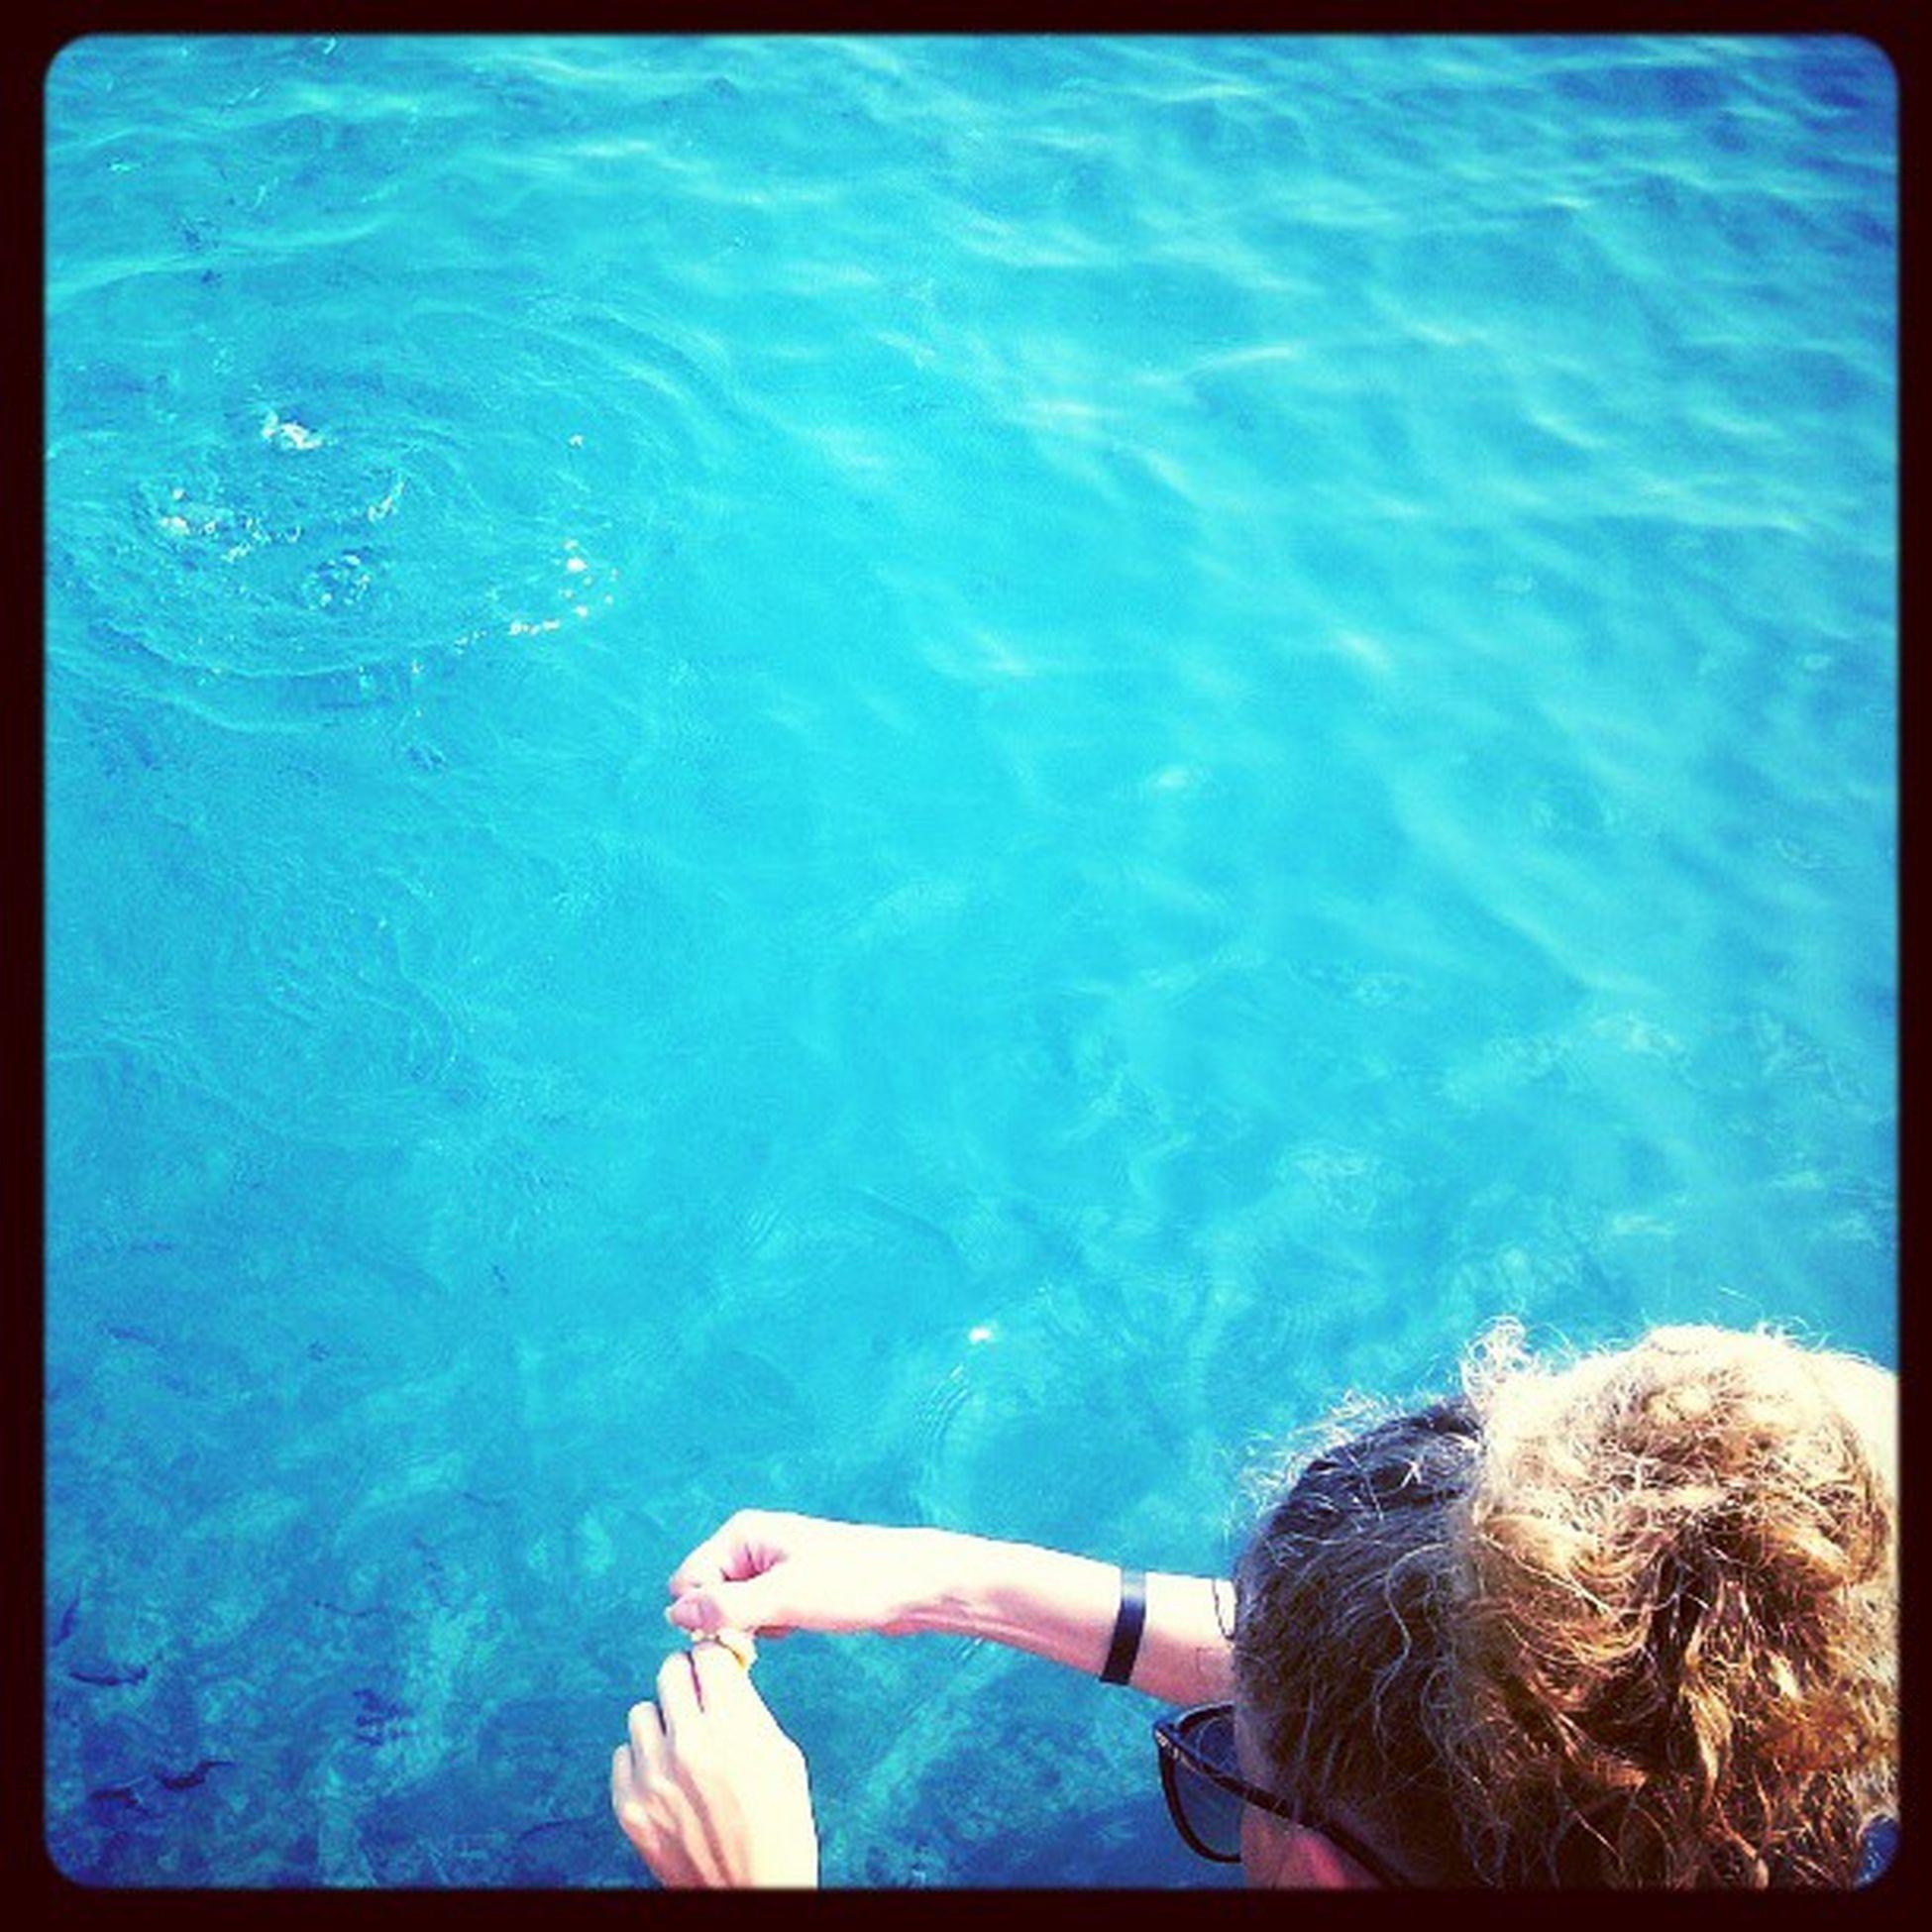 Эм...средиземноморье пожалуй...